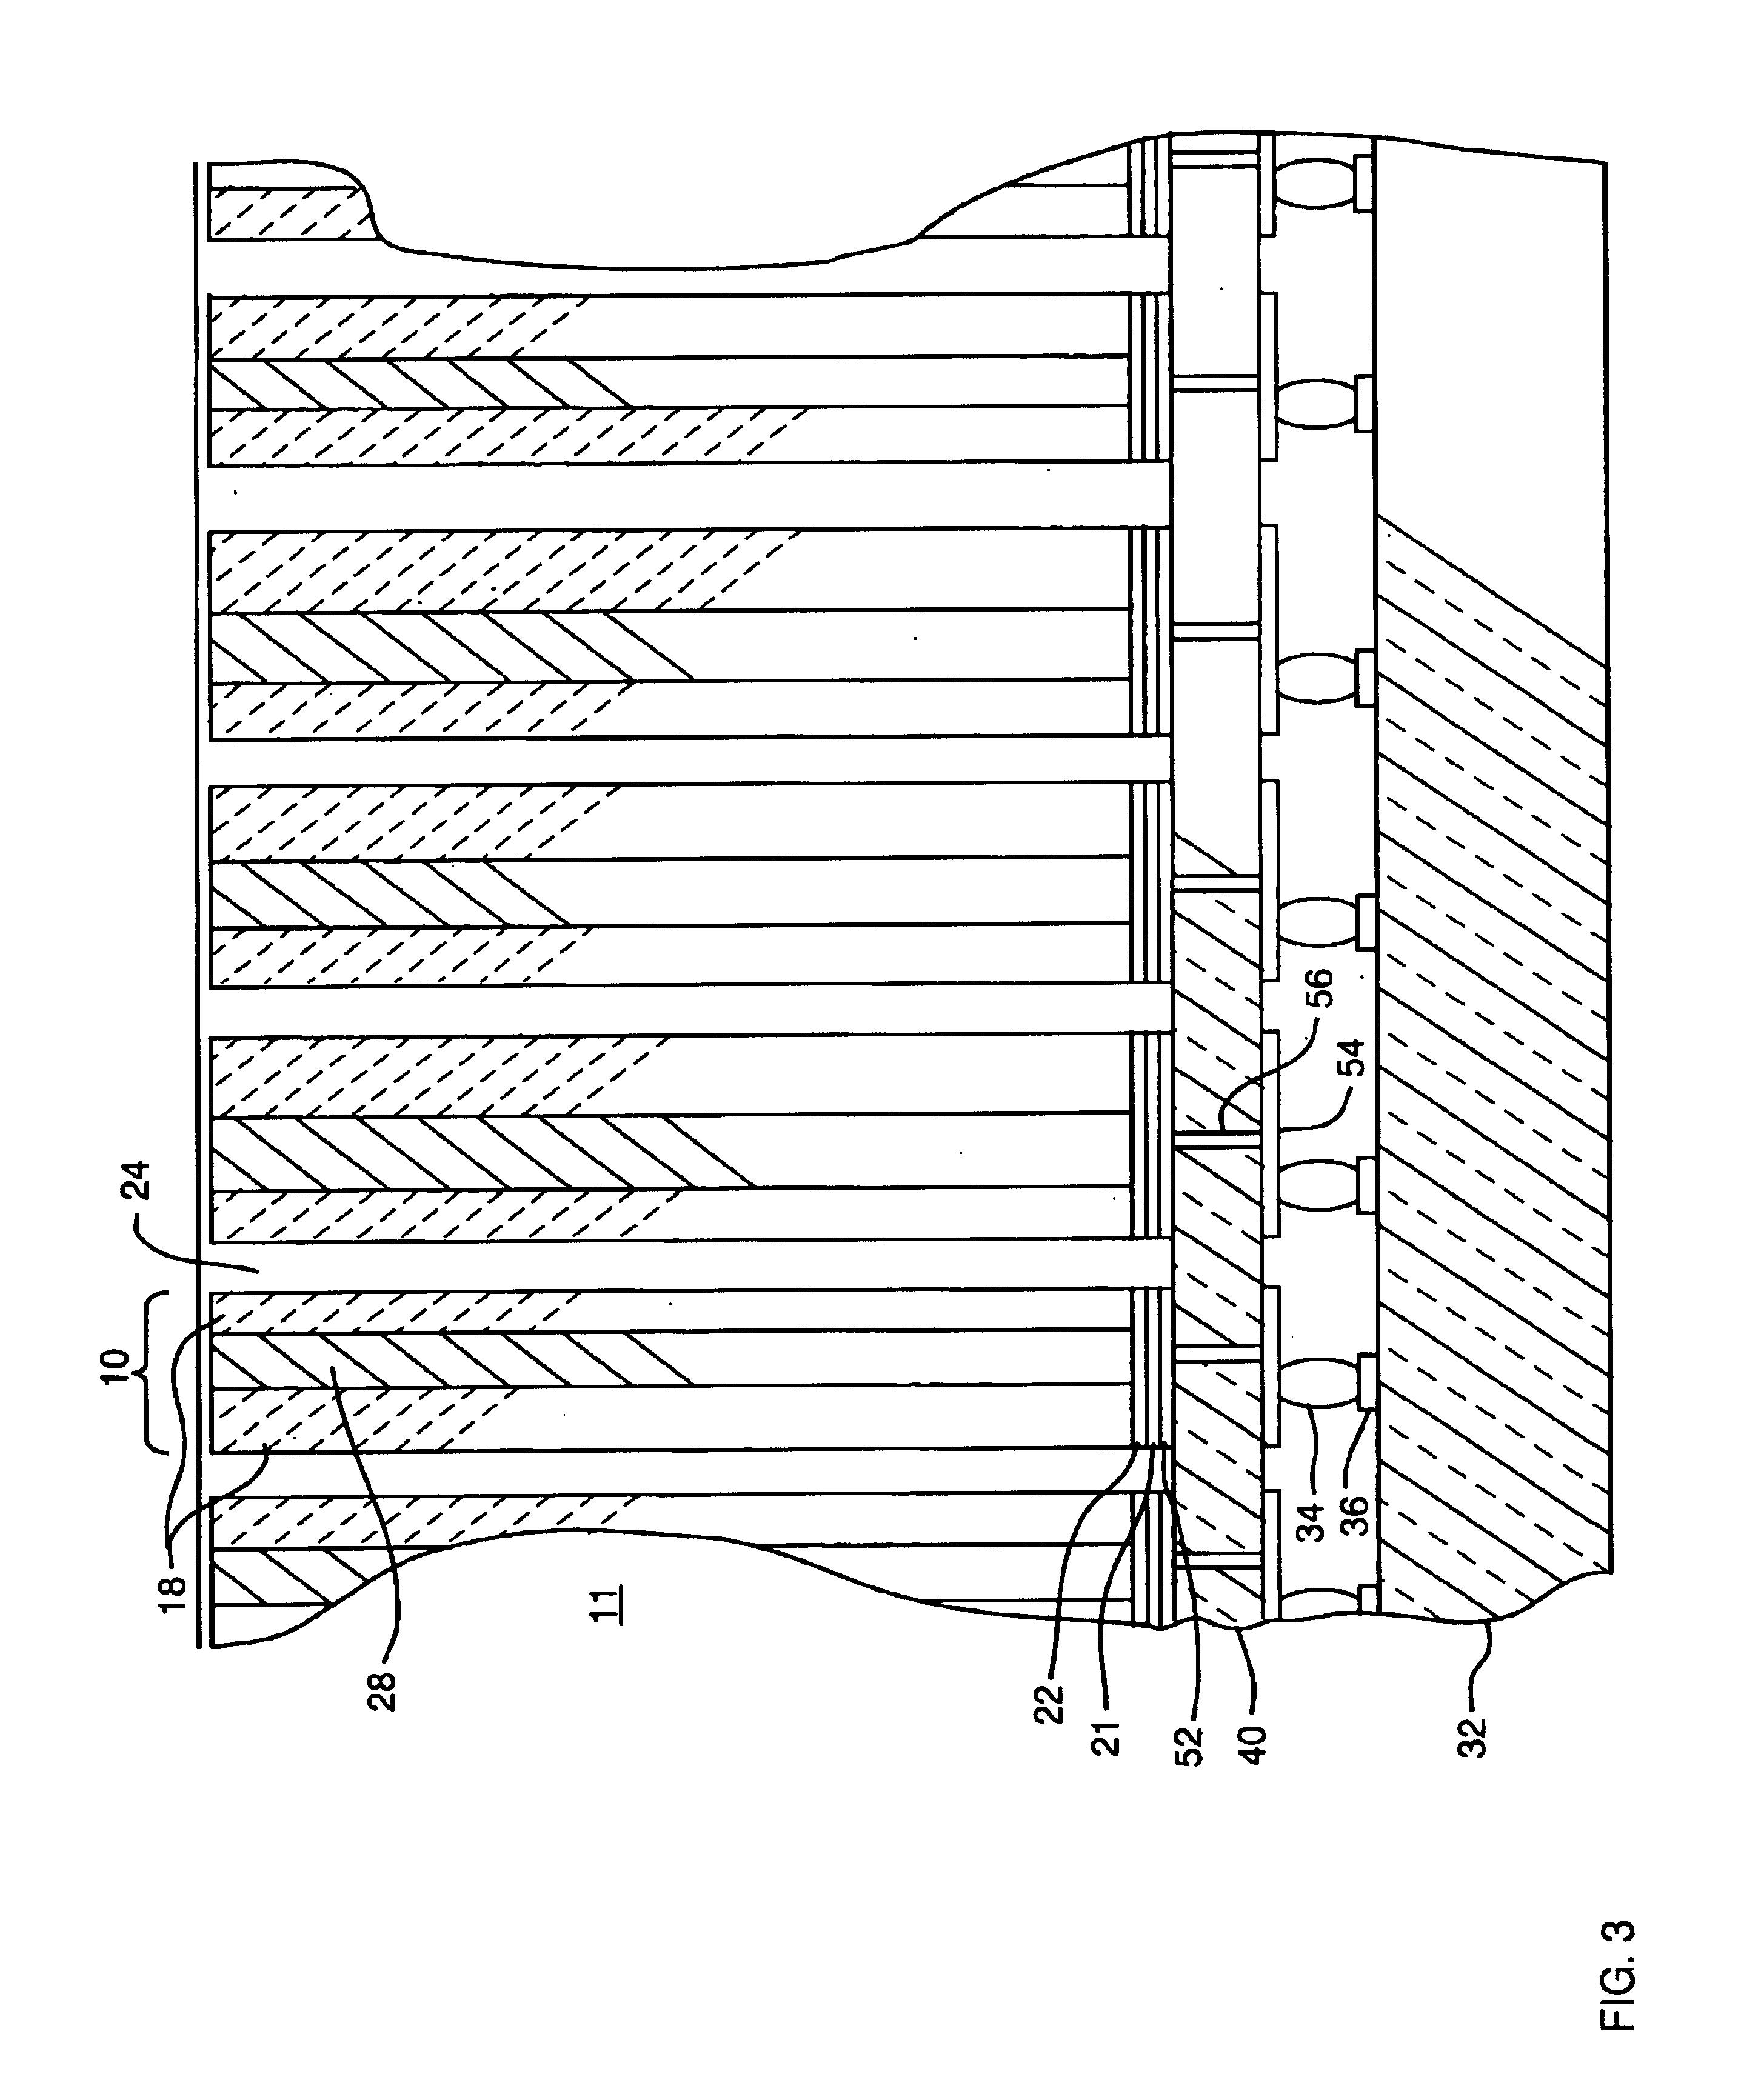 patent us6776762